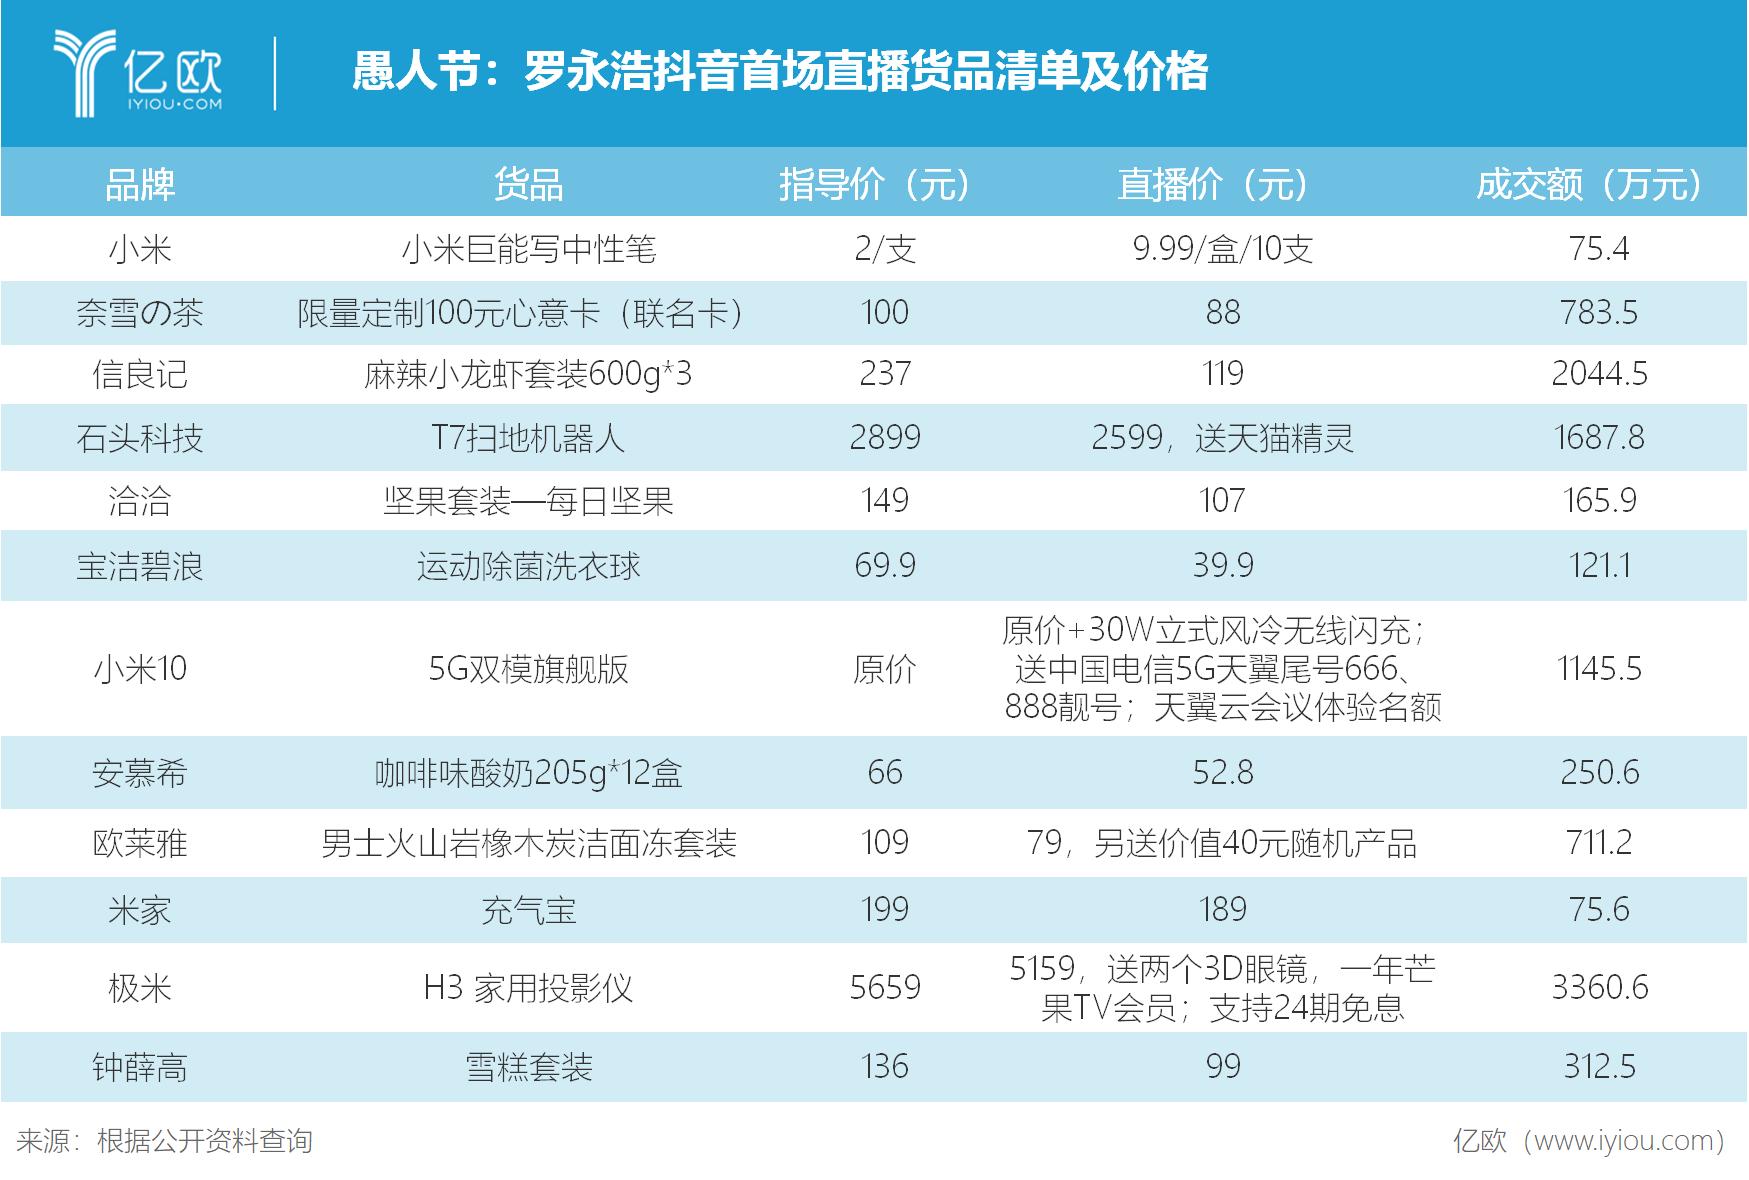 愚人节:罗永浩抖音首场直播货品清单及价格